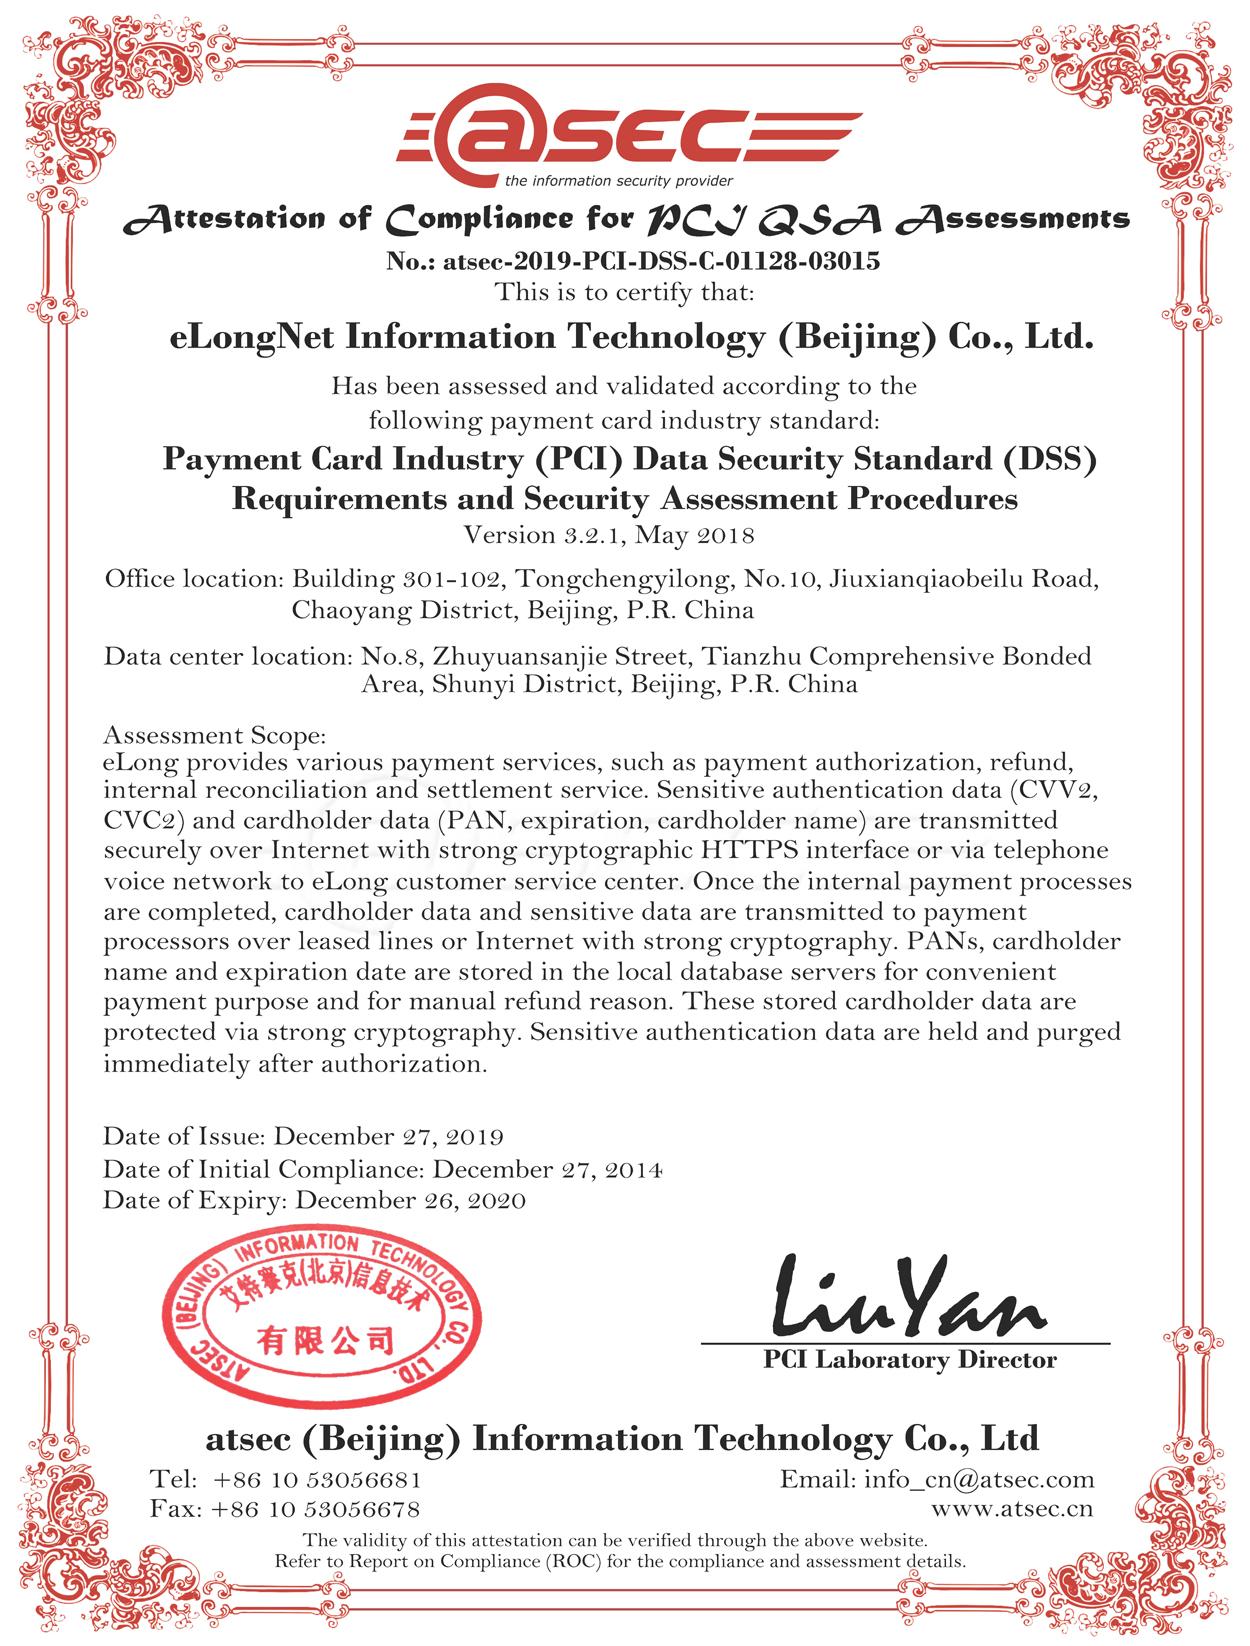 星梦邮轮娱乐网通过PCI认证